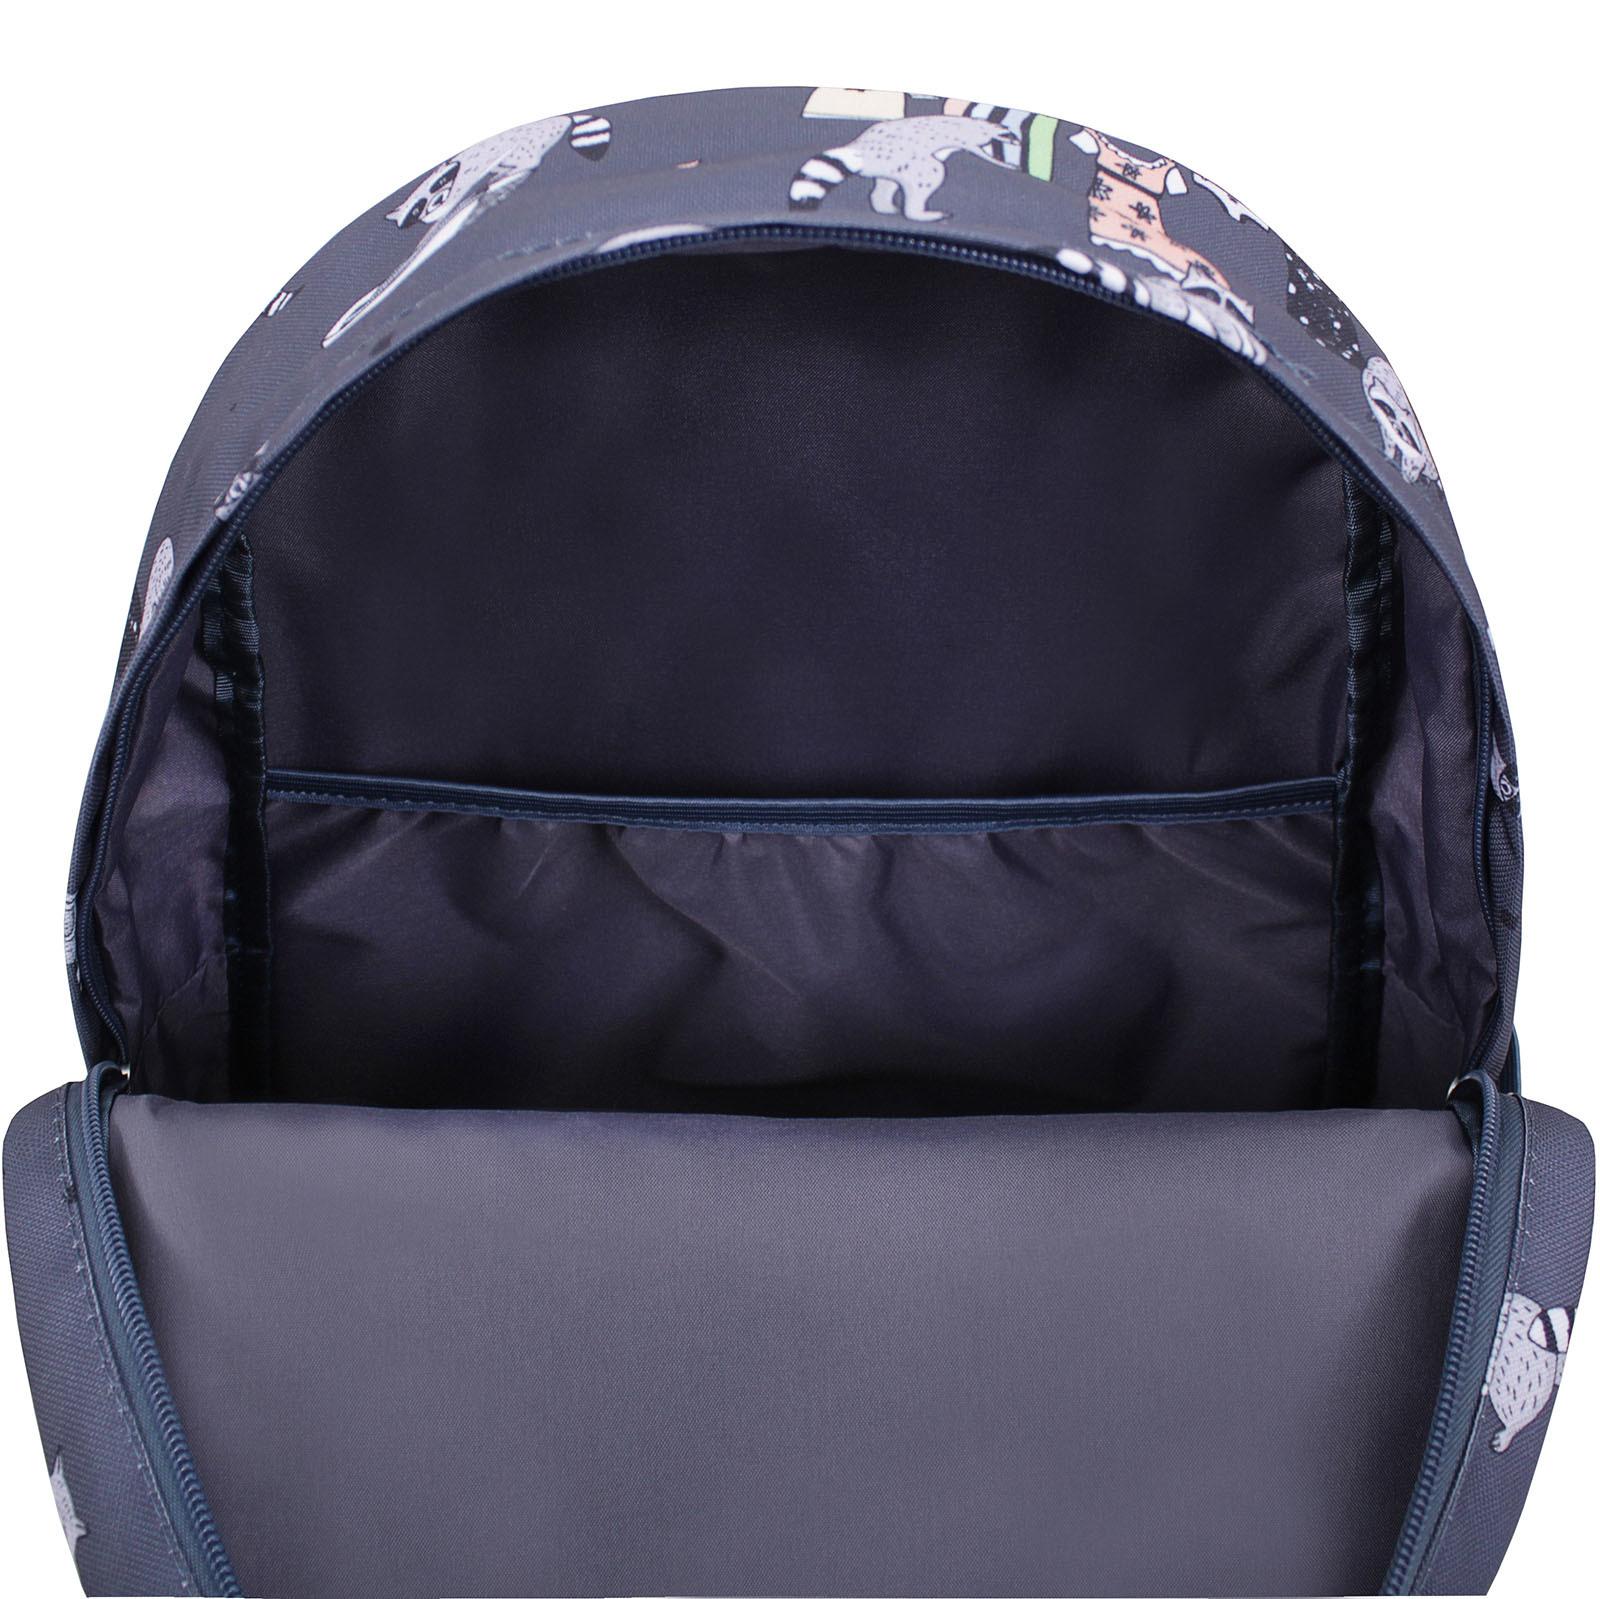 Рюкзак Bagland Молодежный (дизайн) 17 л. сублімація 220 (00533664) фото5